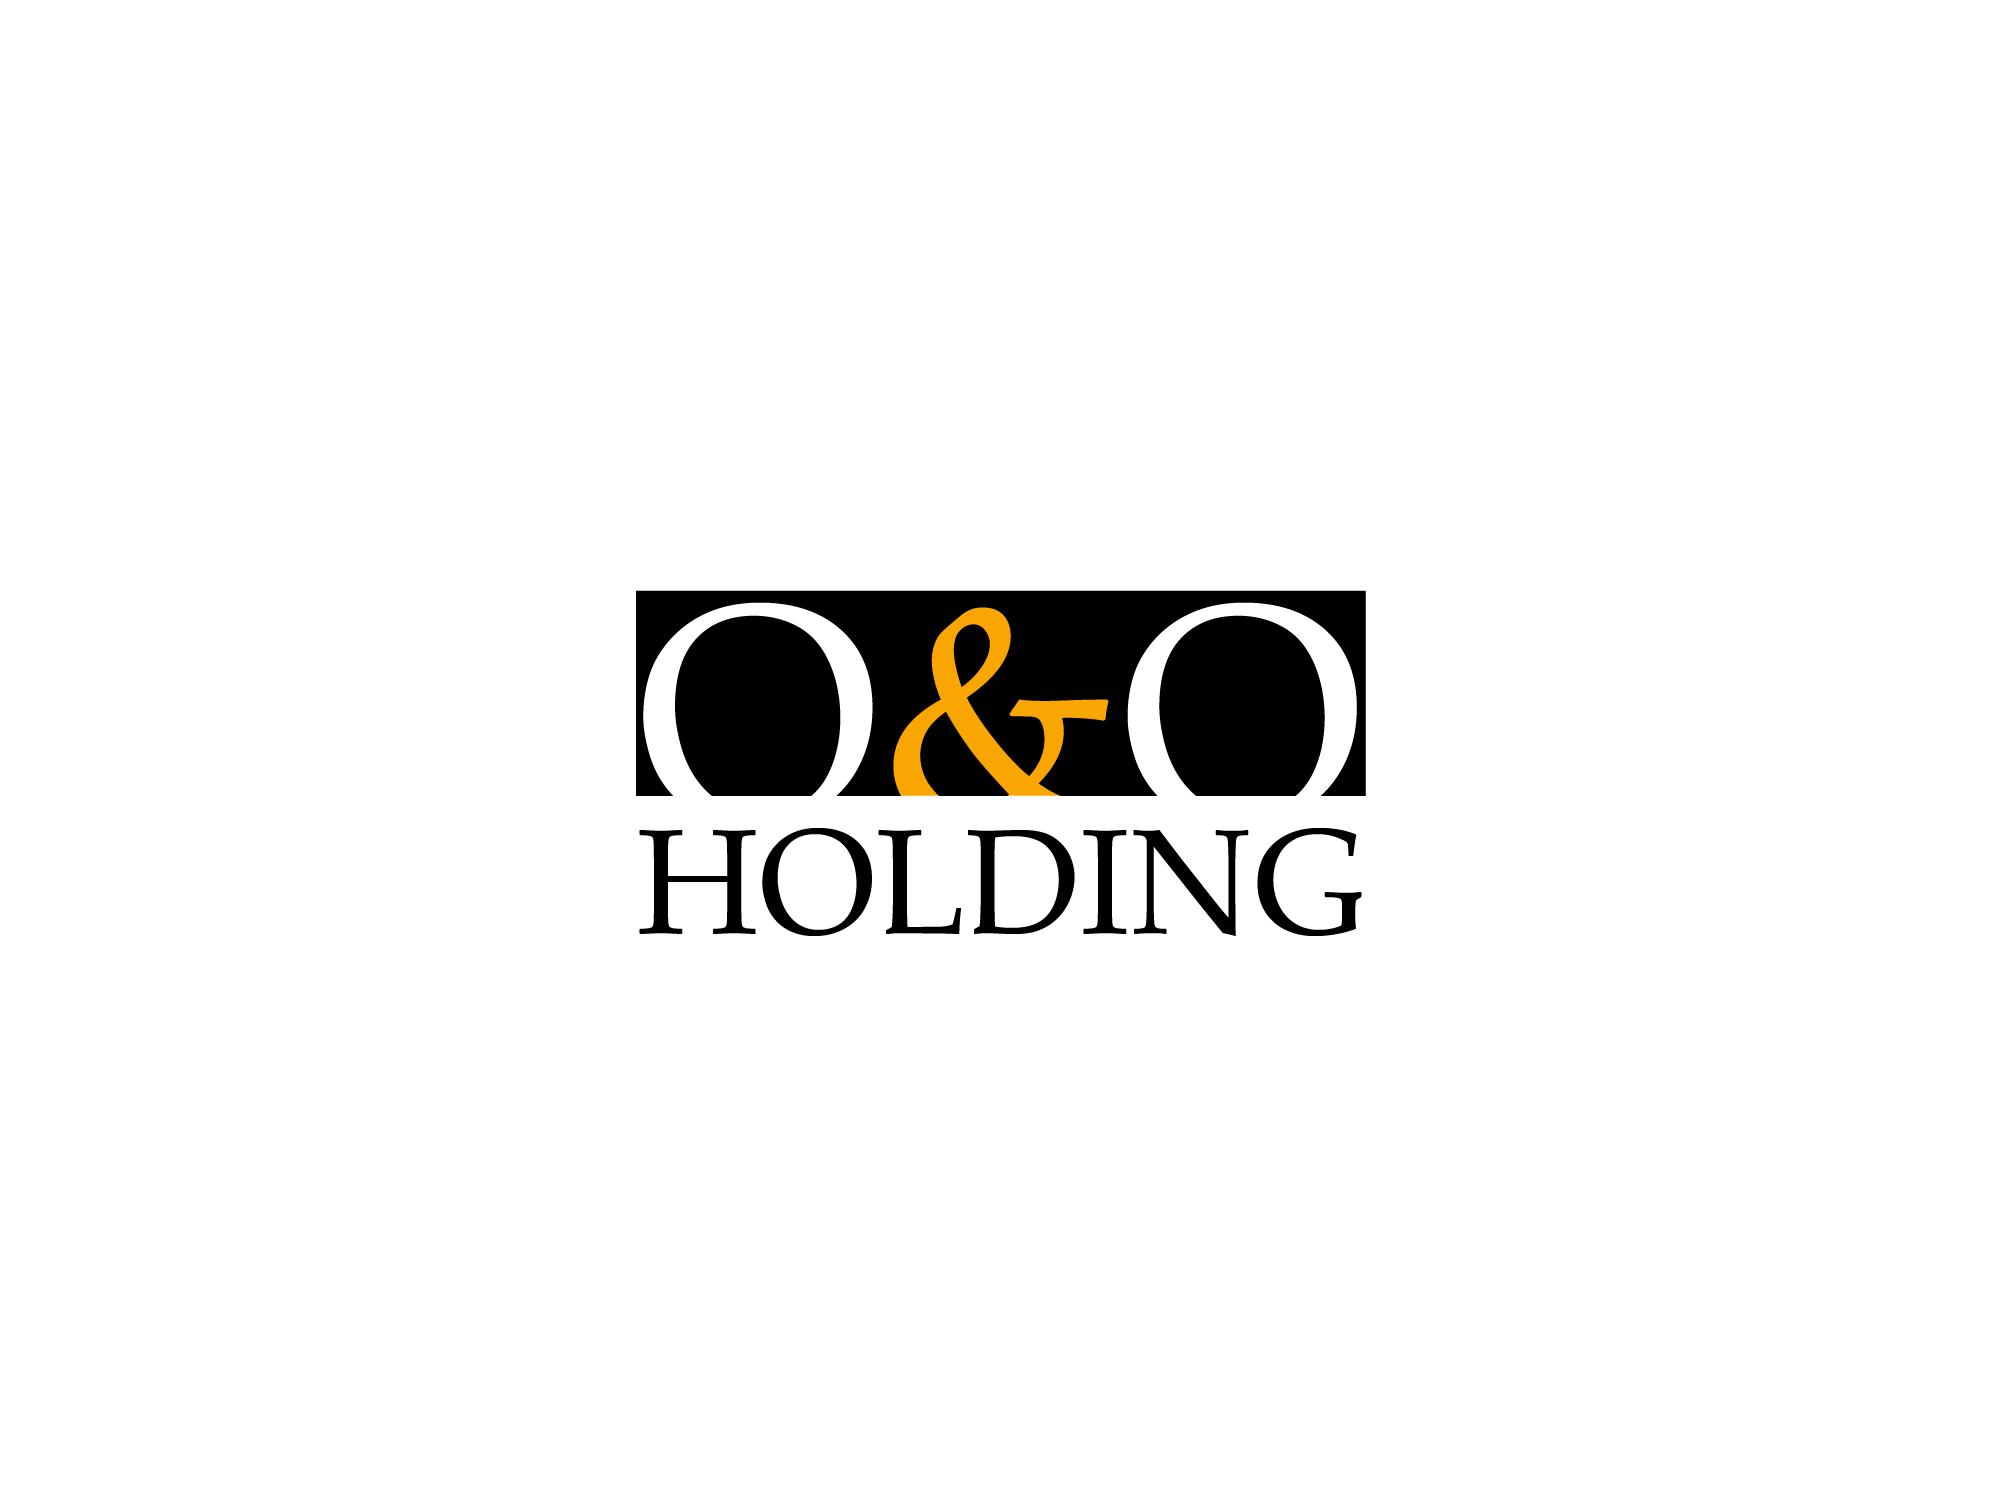 """Разработка Логотипа +  Фирменного знака для компании """"O & O HOLDING"""" фото f_3095c7c14241e083.png"""